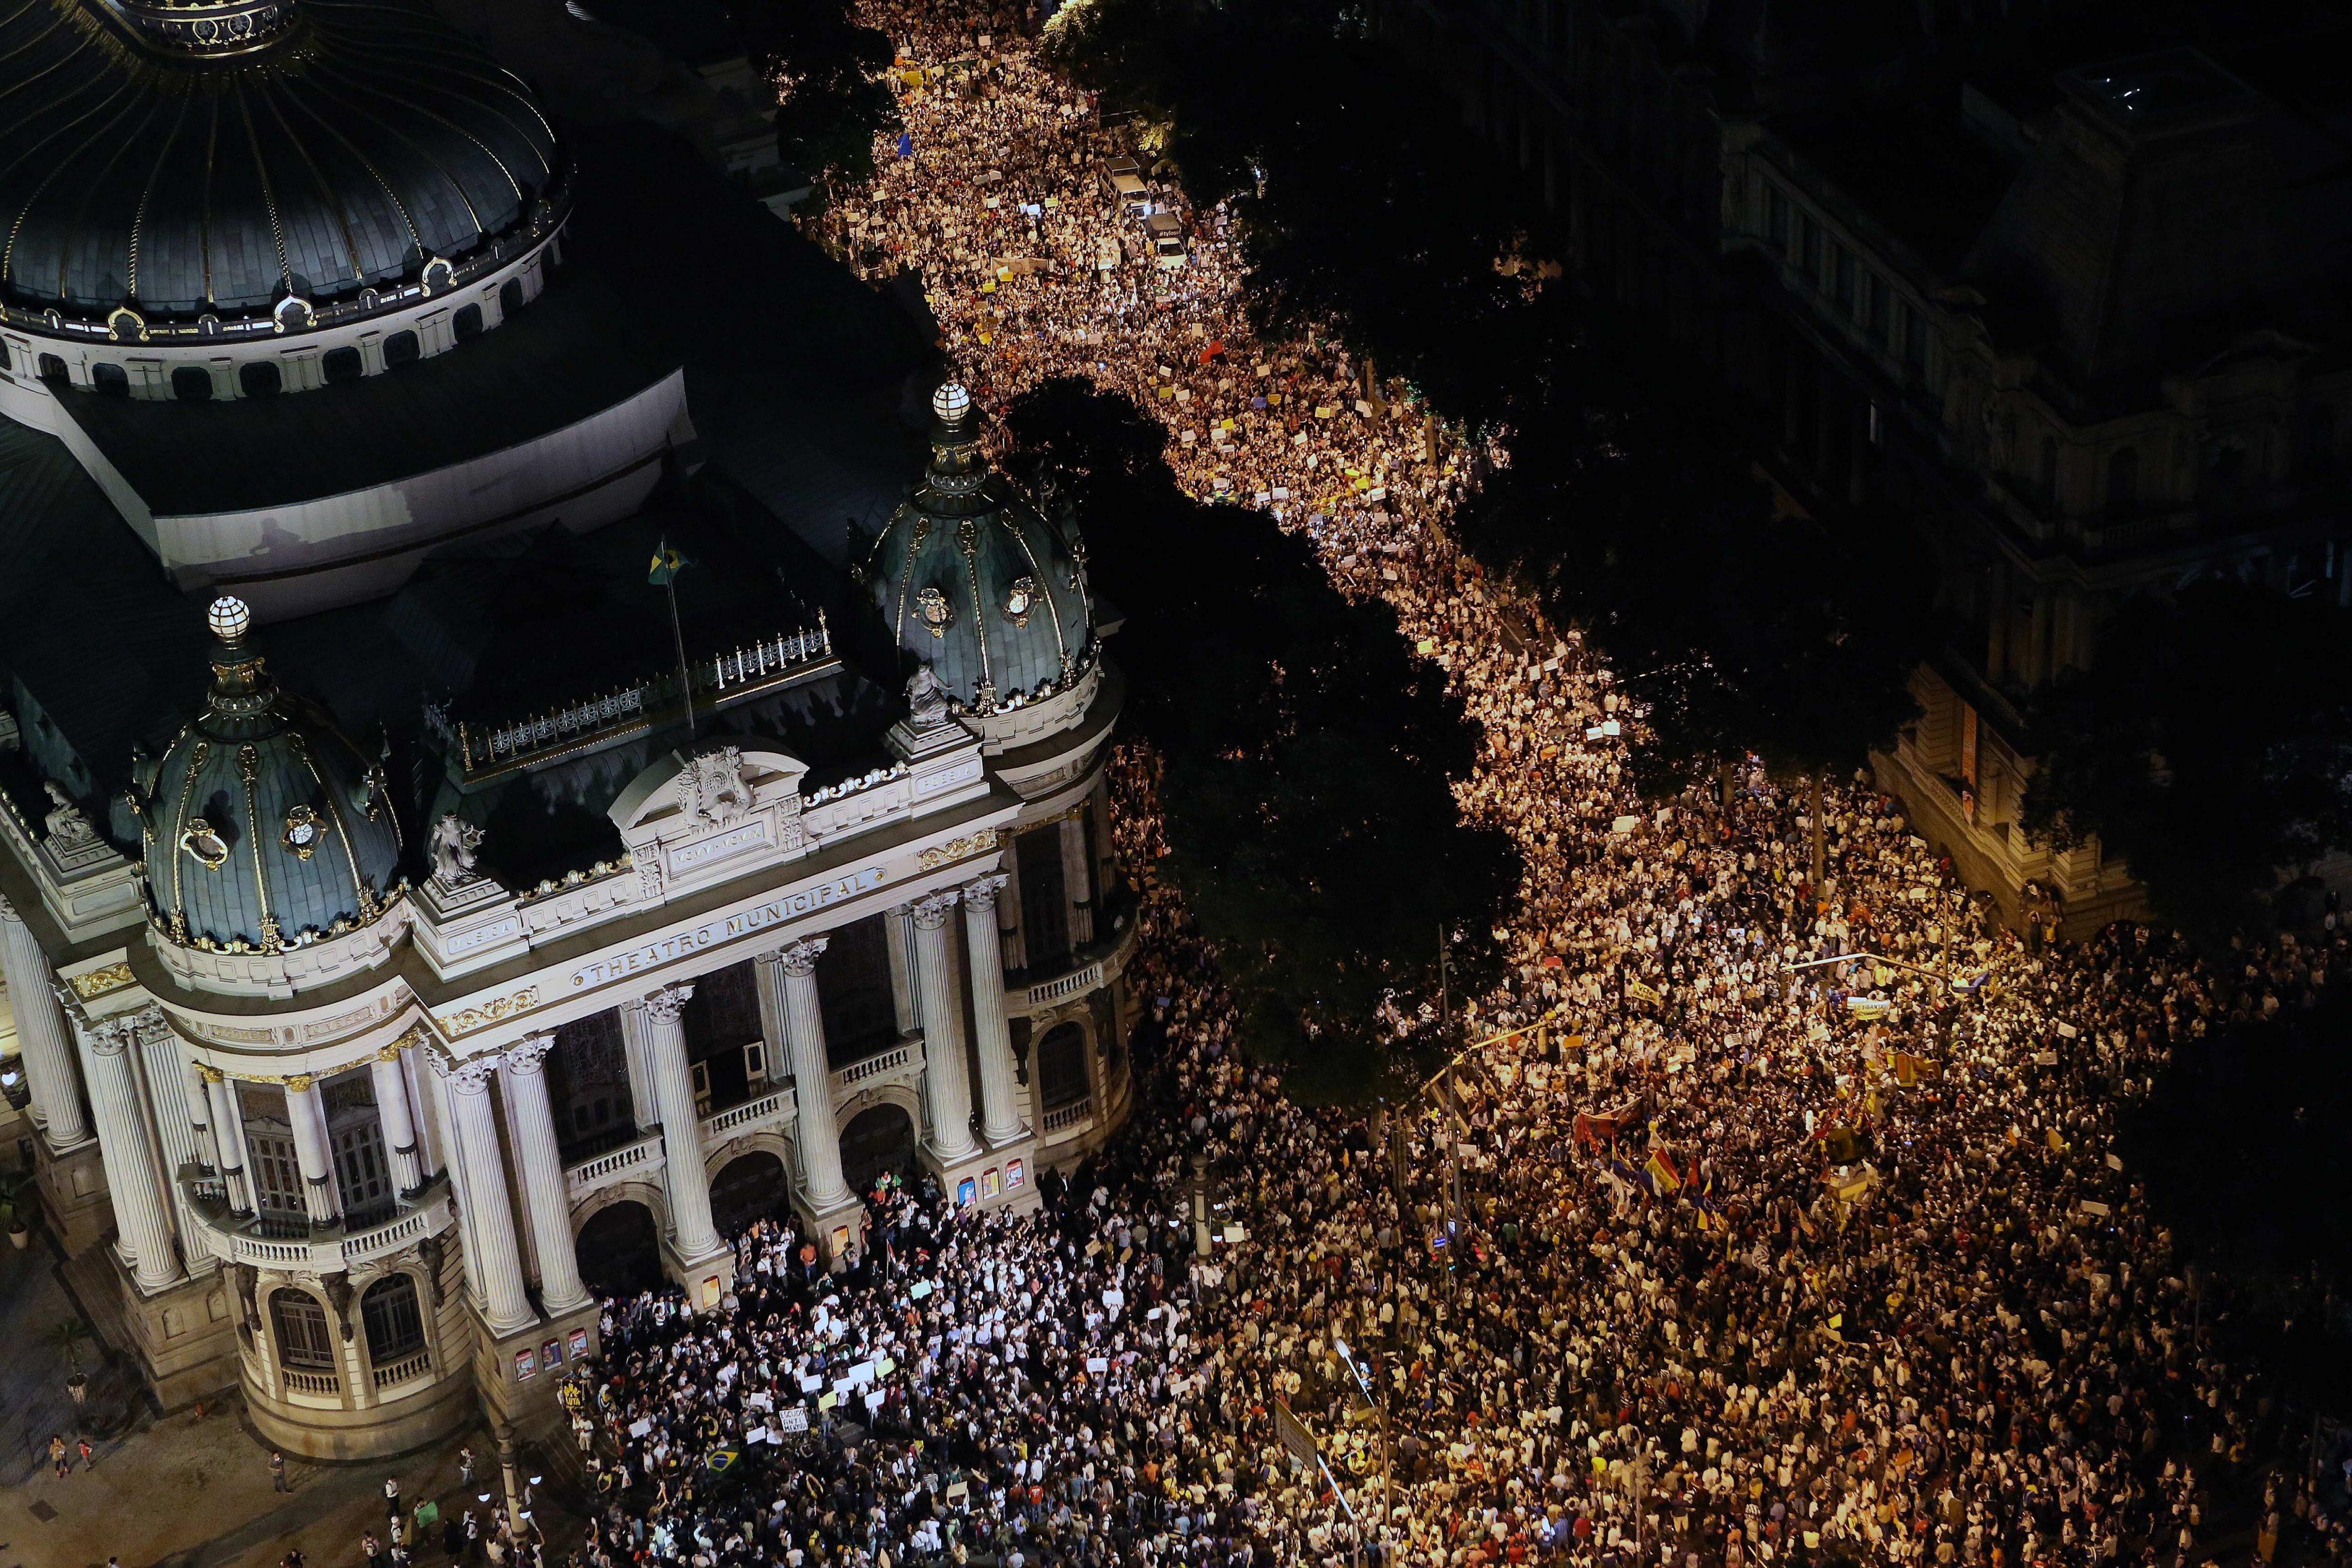 Ογκώδεις διαδηλώσεις στη Βραζιλία με αφορμή τις ακριβότερες συγκοινωνίες